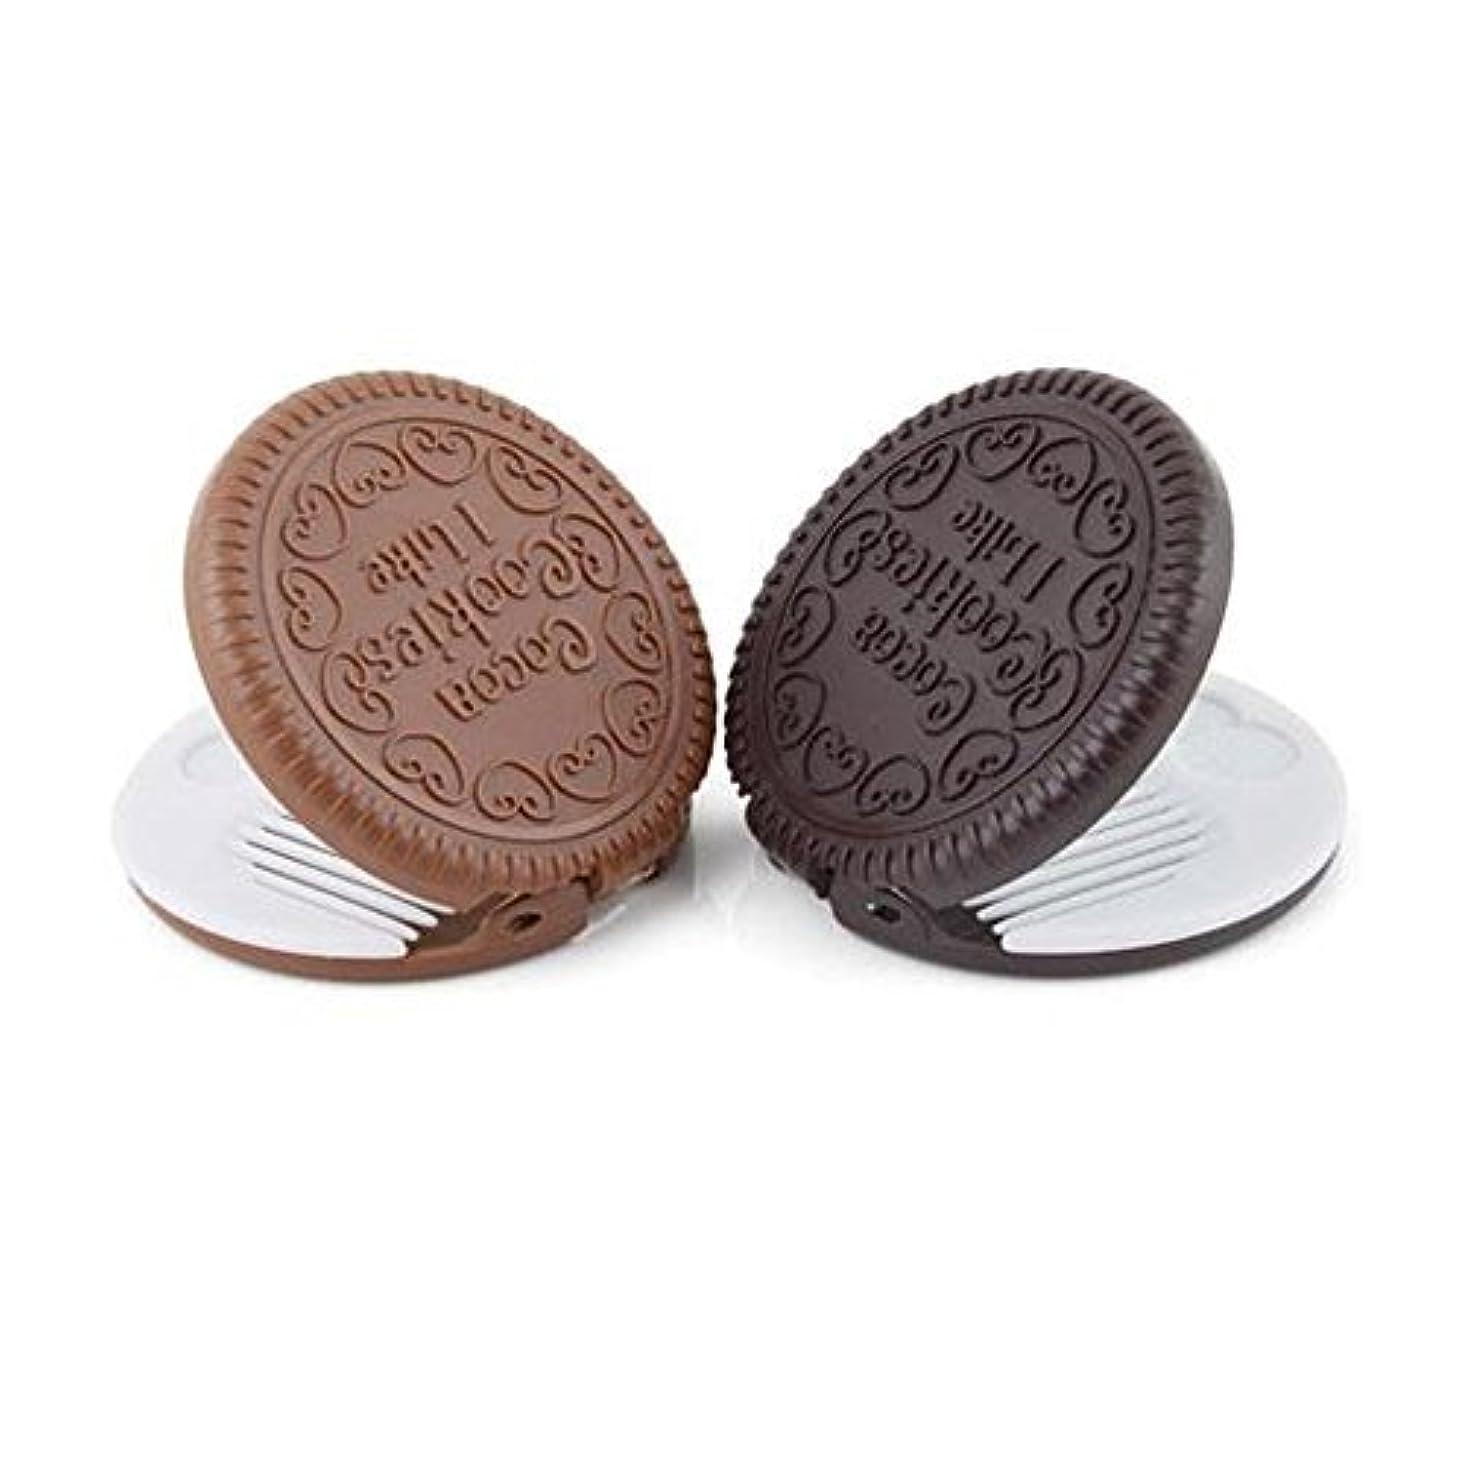 腐敗した熱心な大統領yueton Pack of 2 Mini Pocket Chocolate Cookie Compact Mirror with Comb [並行輸入品]